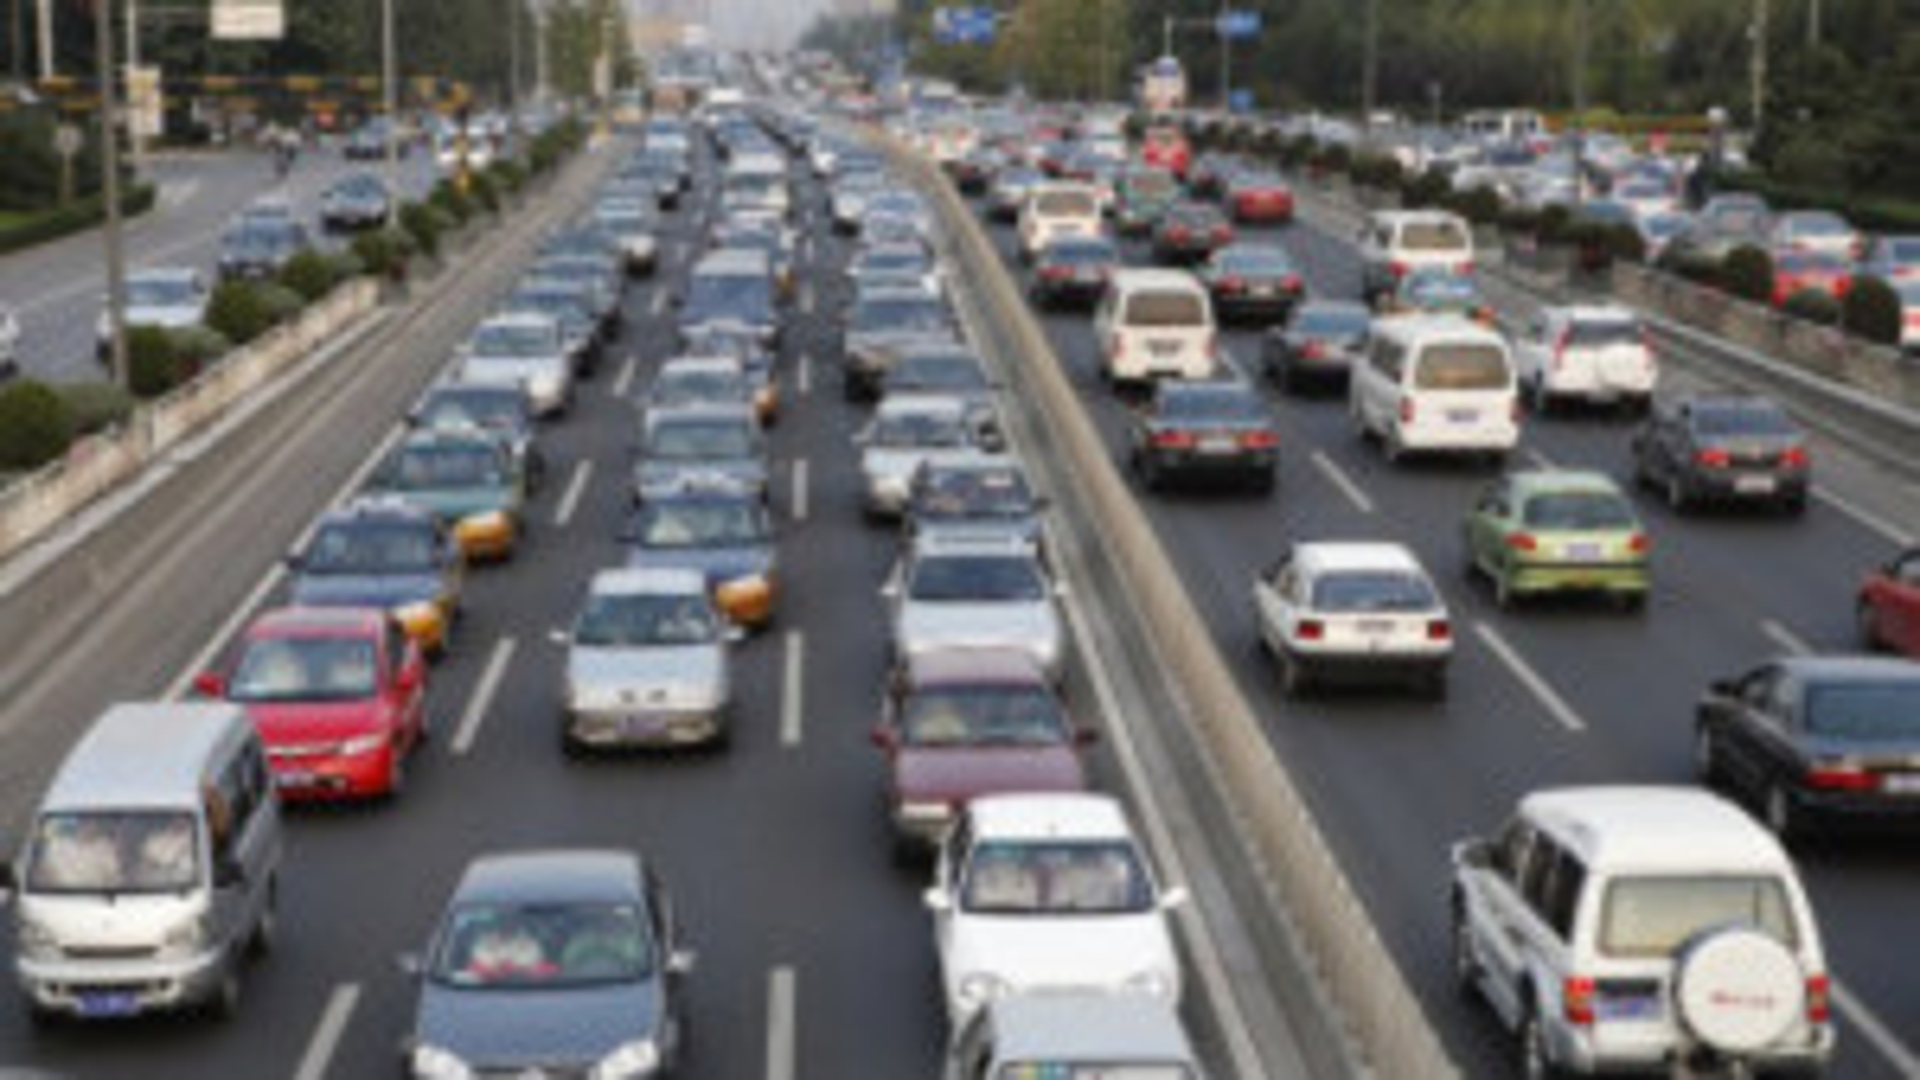 یکی از عوامل ایجاد ترافیک | فیلم